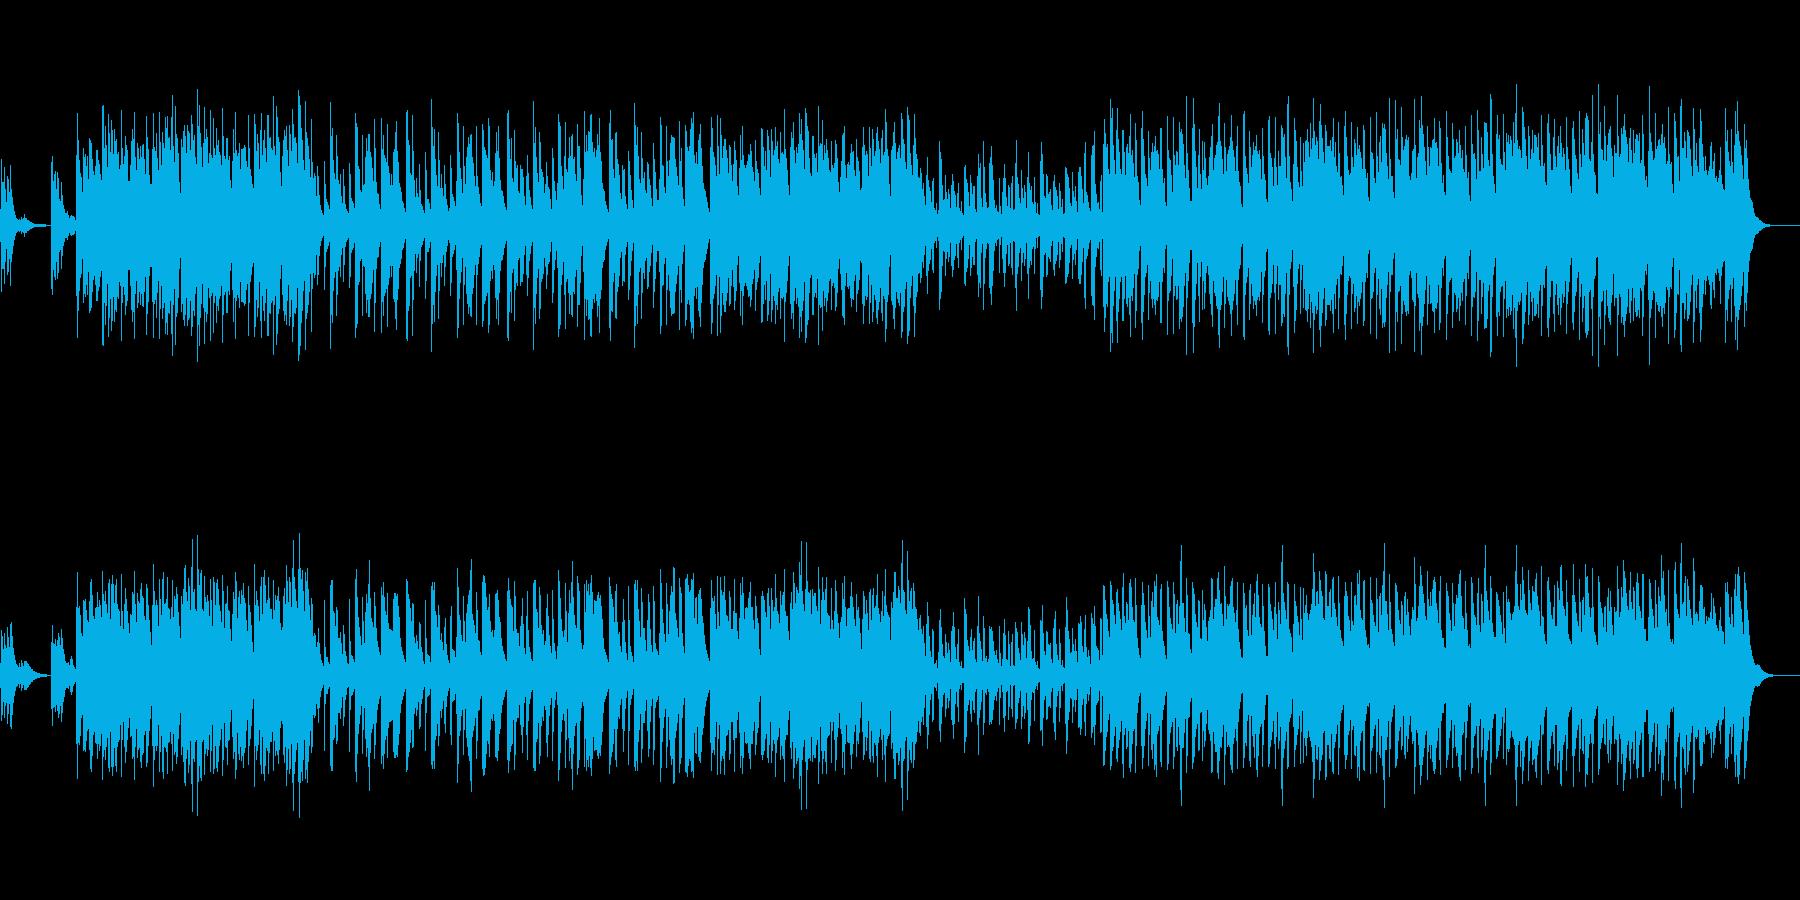 ピアノオルガンの昭和な楽しいくかわいい曲の再生済みの波形